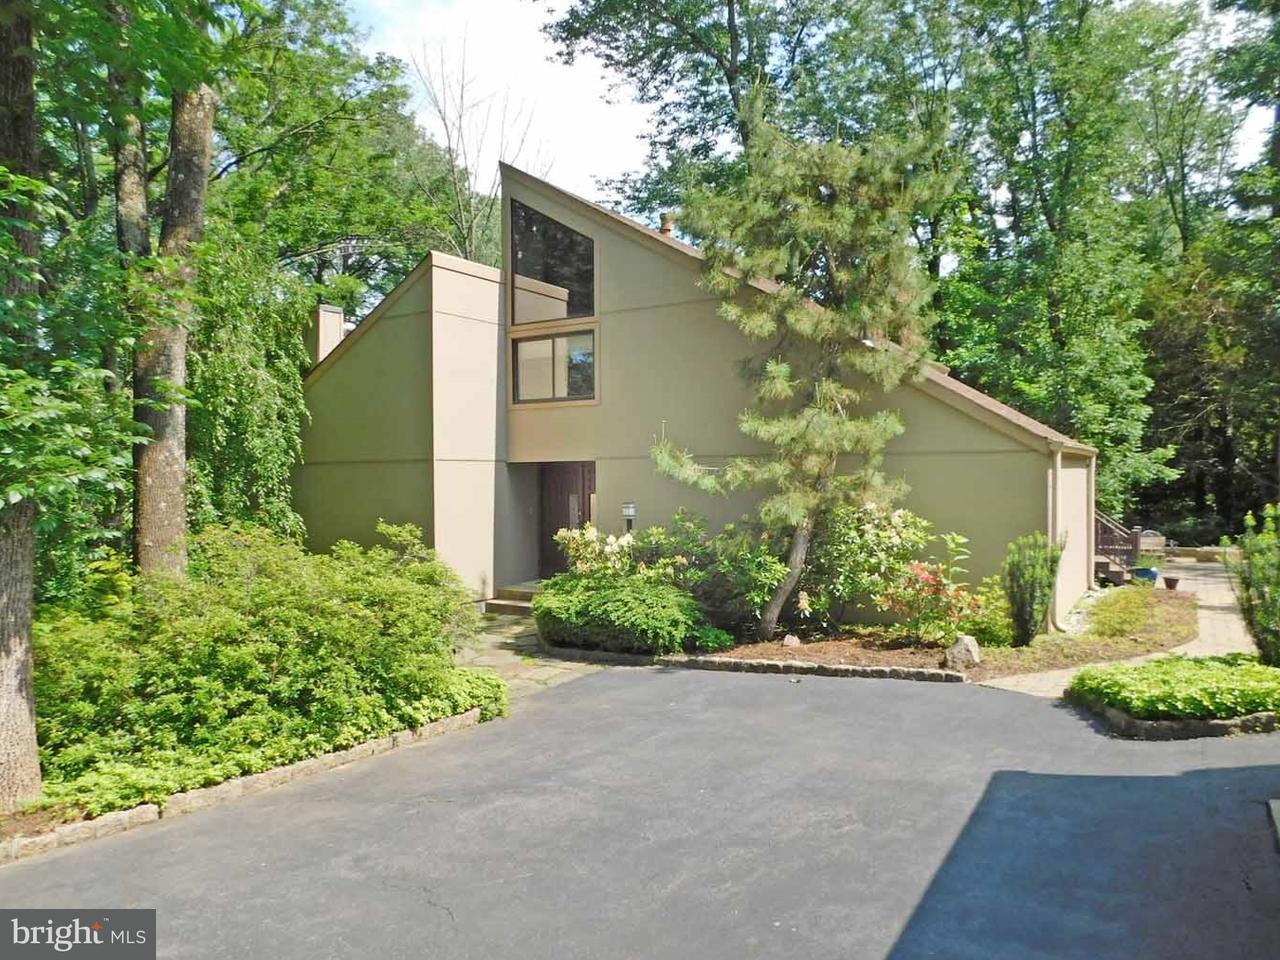 Maison unifamiliale pour l Vente à 8 HEMLOCK Lane Ewing Township, New Jersey 08628 États-UnisDans/Autour: Ewing Township